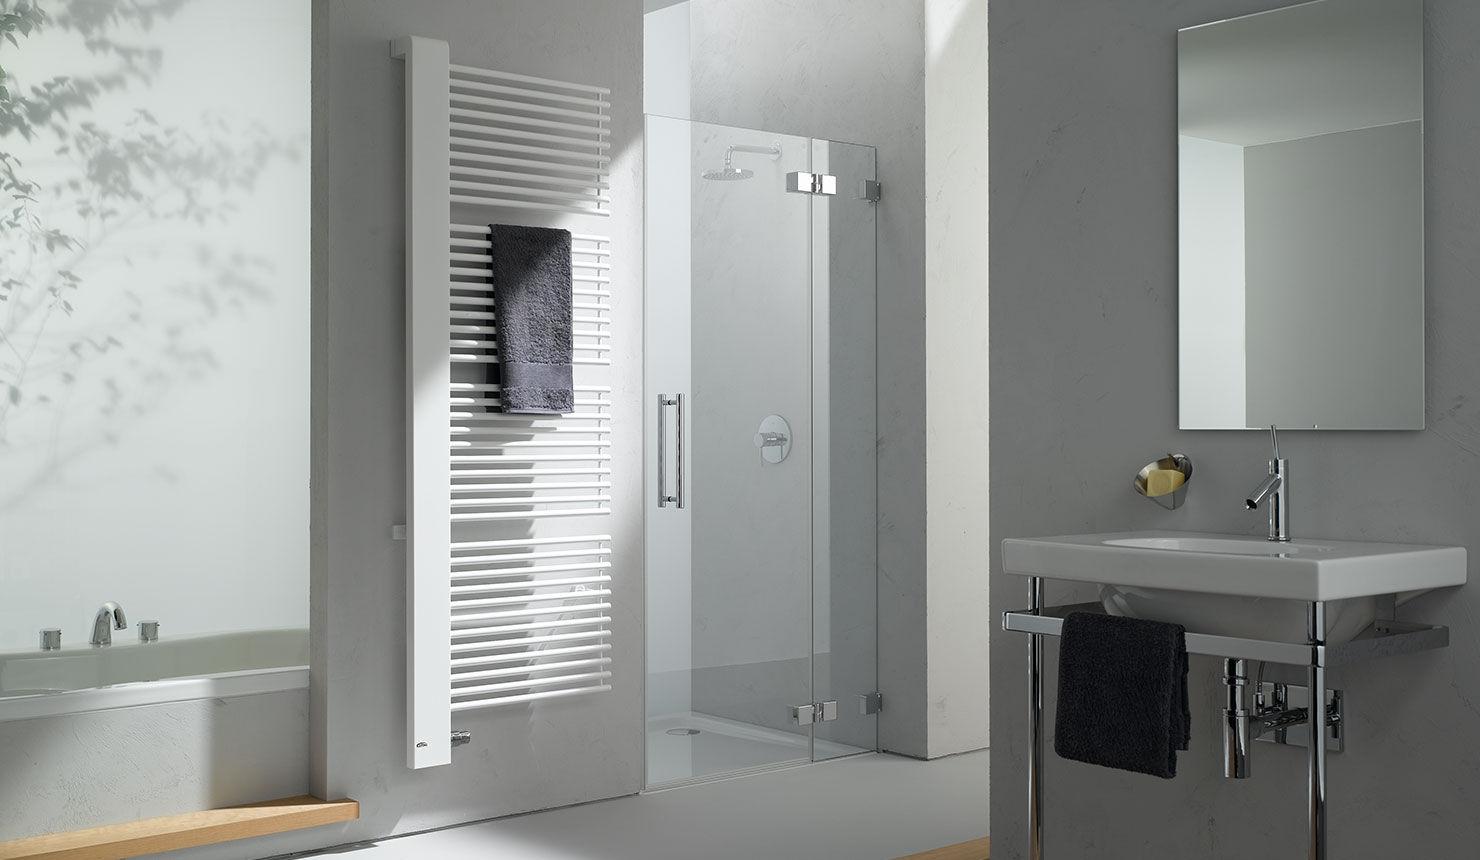 Sèche-serviettes à eau chaude / en métal / contemporain / de salle ...